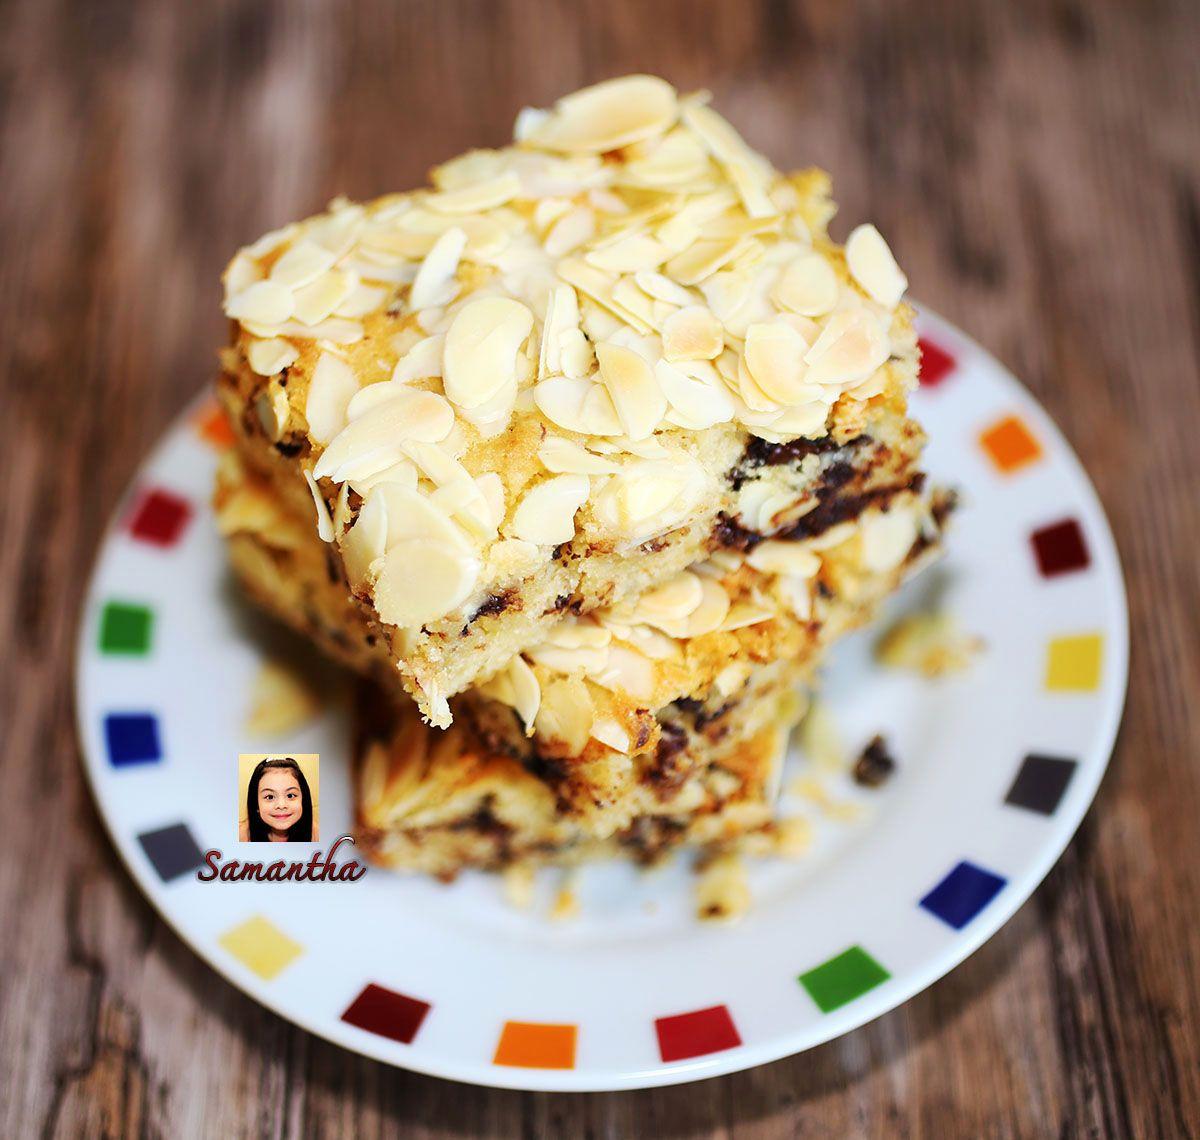 ไวท์ช็อกโกแลตเค้ก - Pantip